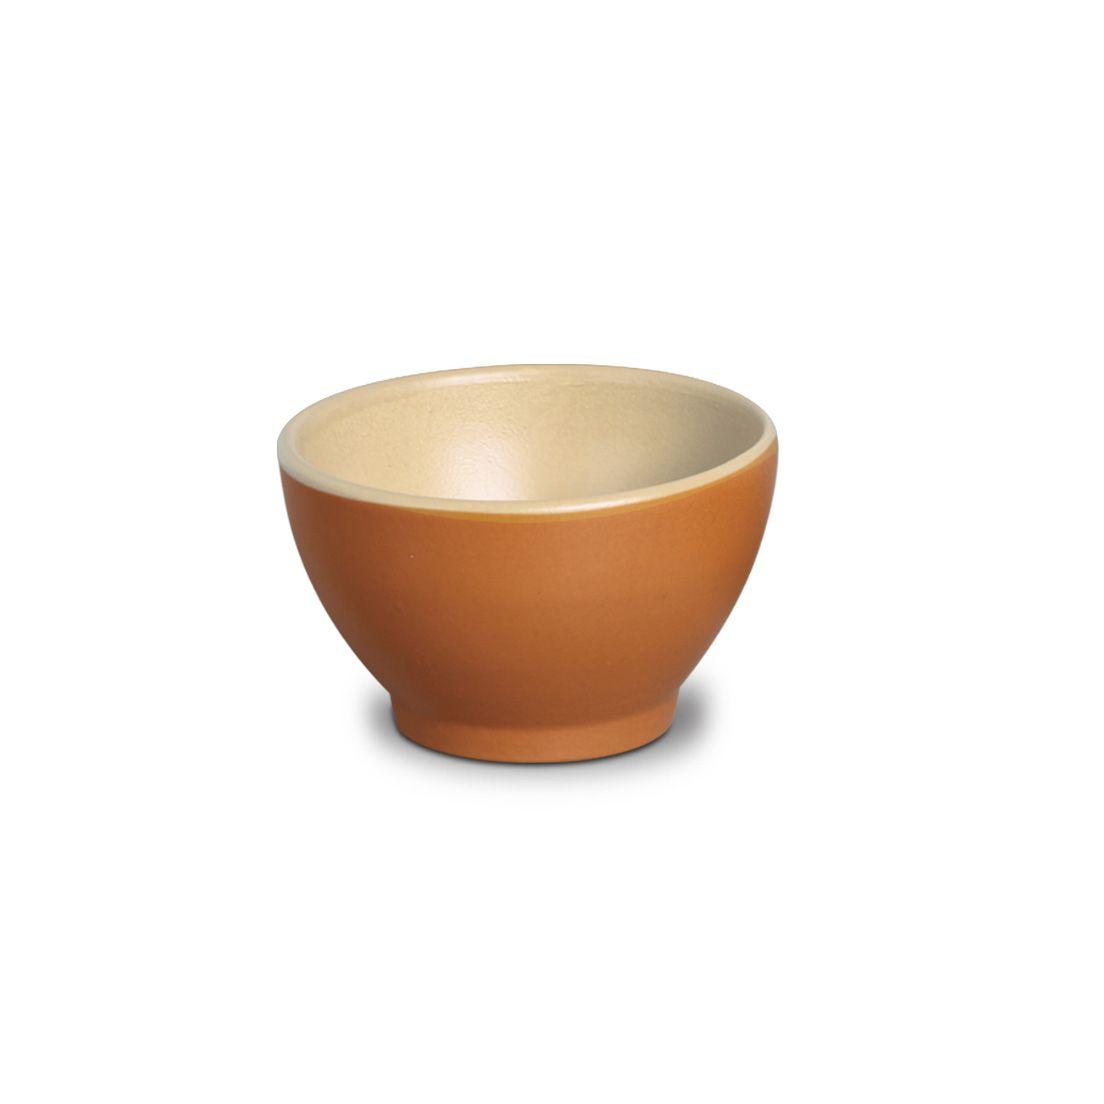 Bowl para Consomê de Cerâmica Marrom 550Ml